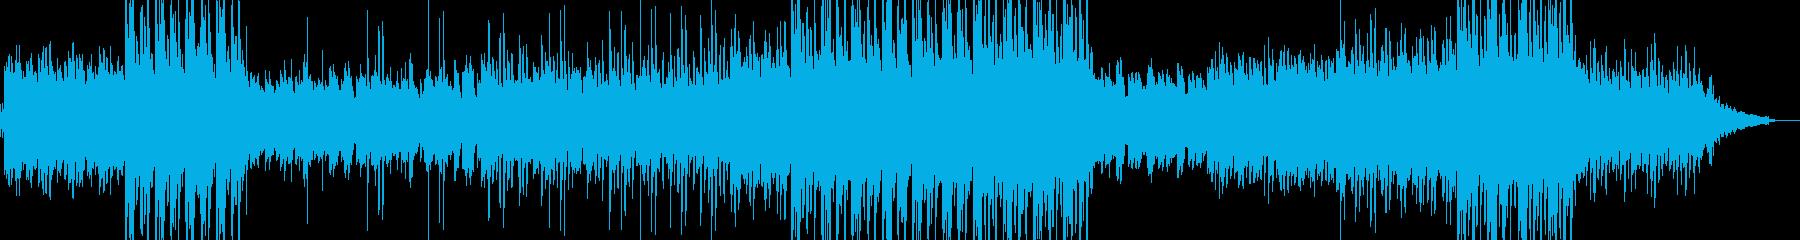 遊覧船の優雅な演出・ドラム有り 短尺★の再生済みの波形